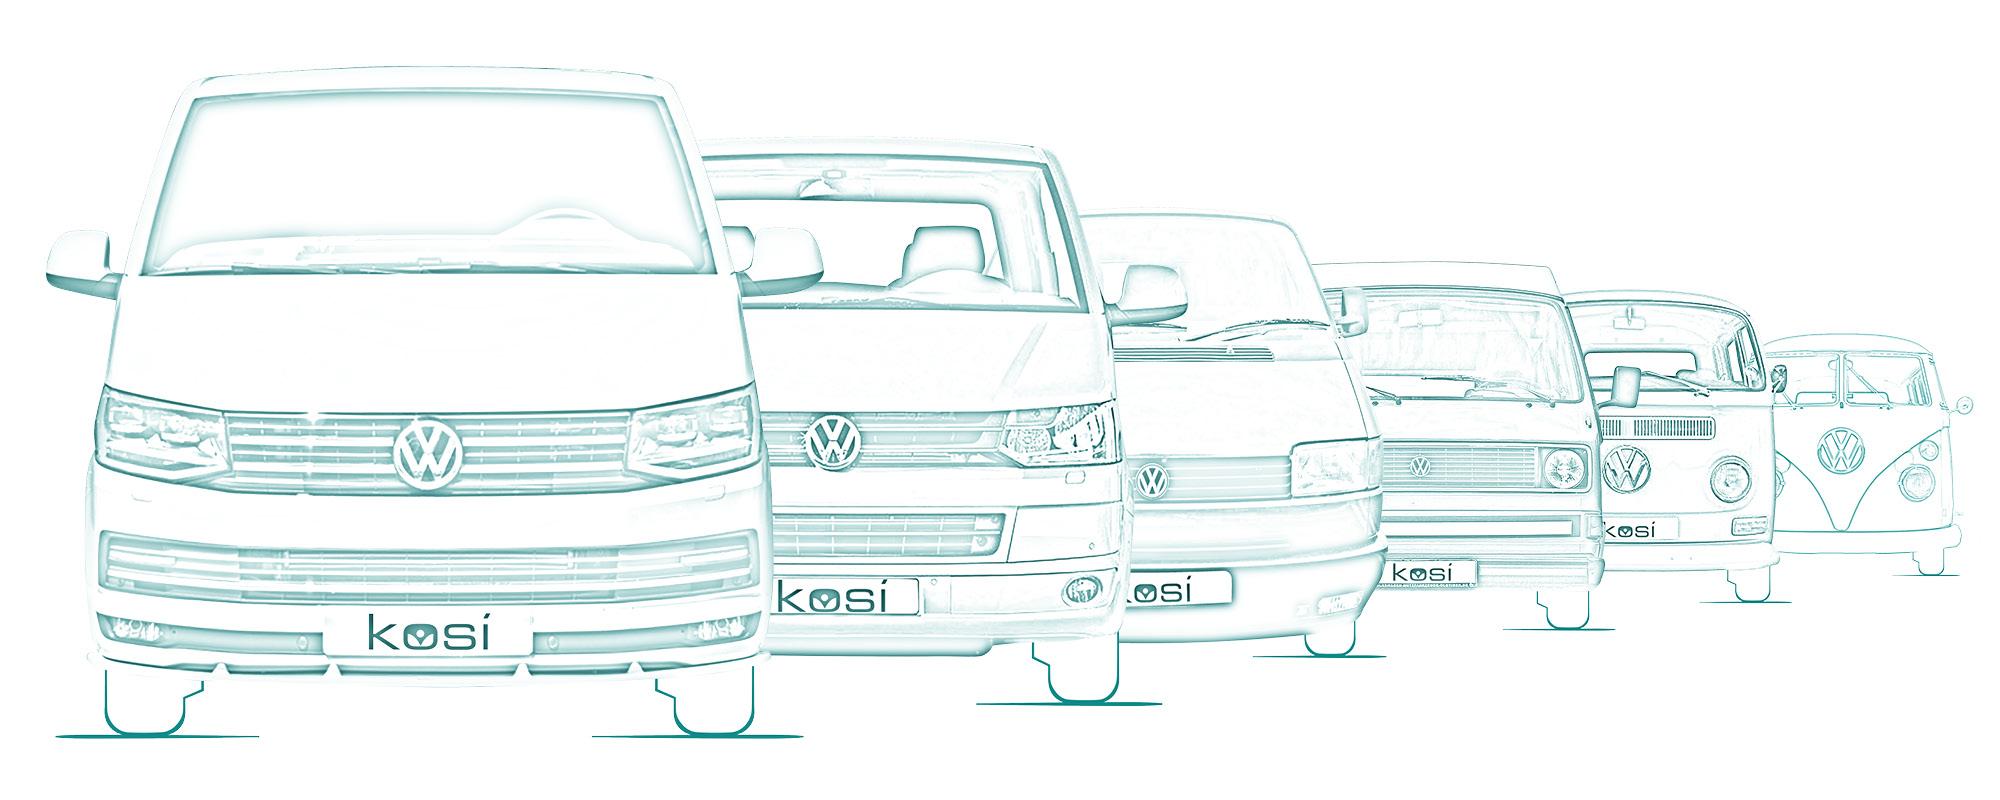 kosi-busse